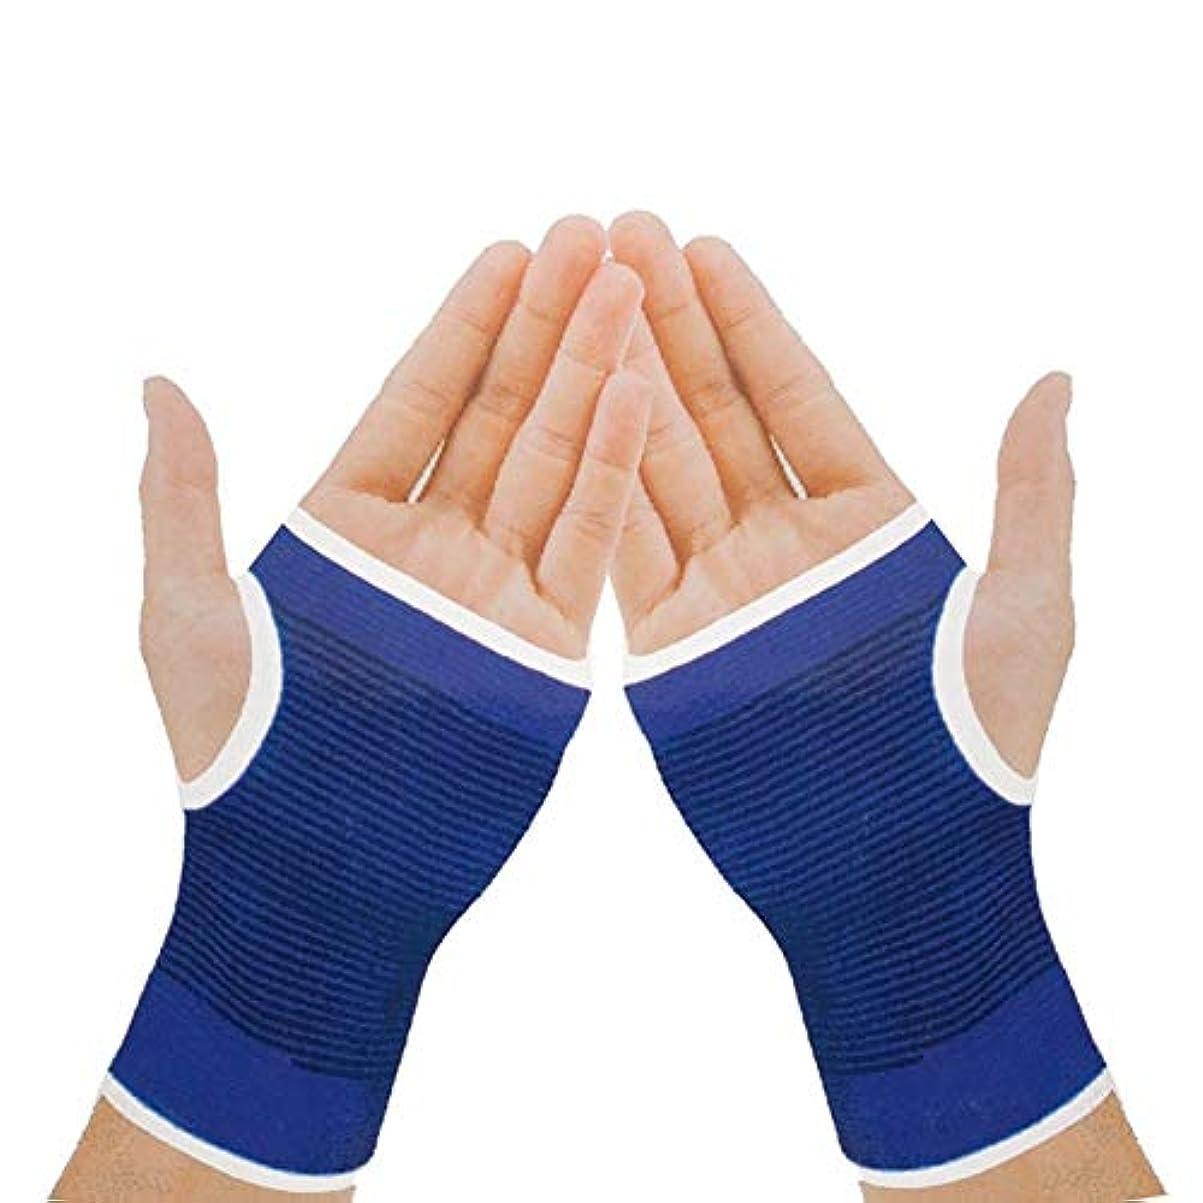 ベーリング海峡最悪ゲーム弾性手首ハンドブレース手首グローブパーム手首ハンドサポート手袋ブレーススリーブ包帯ラップの痛みを軽減する関節の痛みジムスポーツサポート1ペア